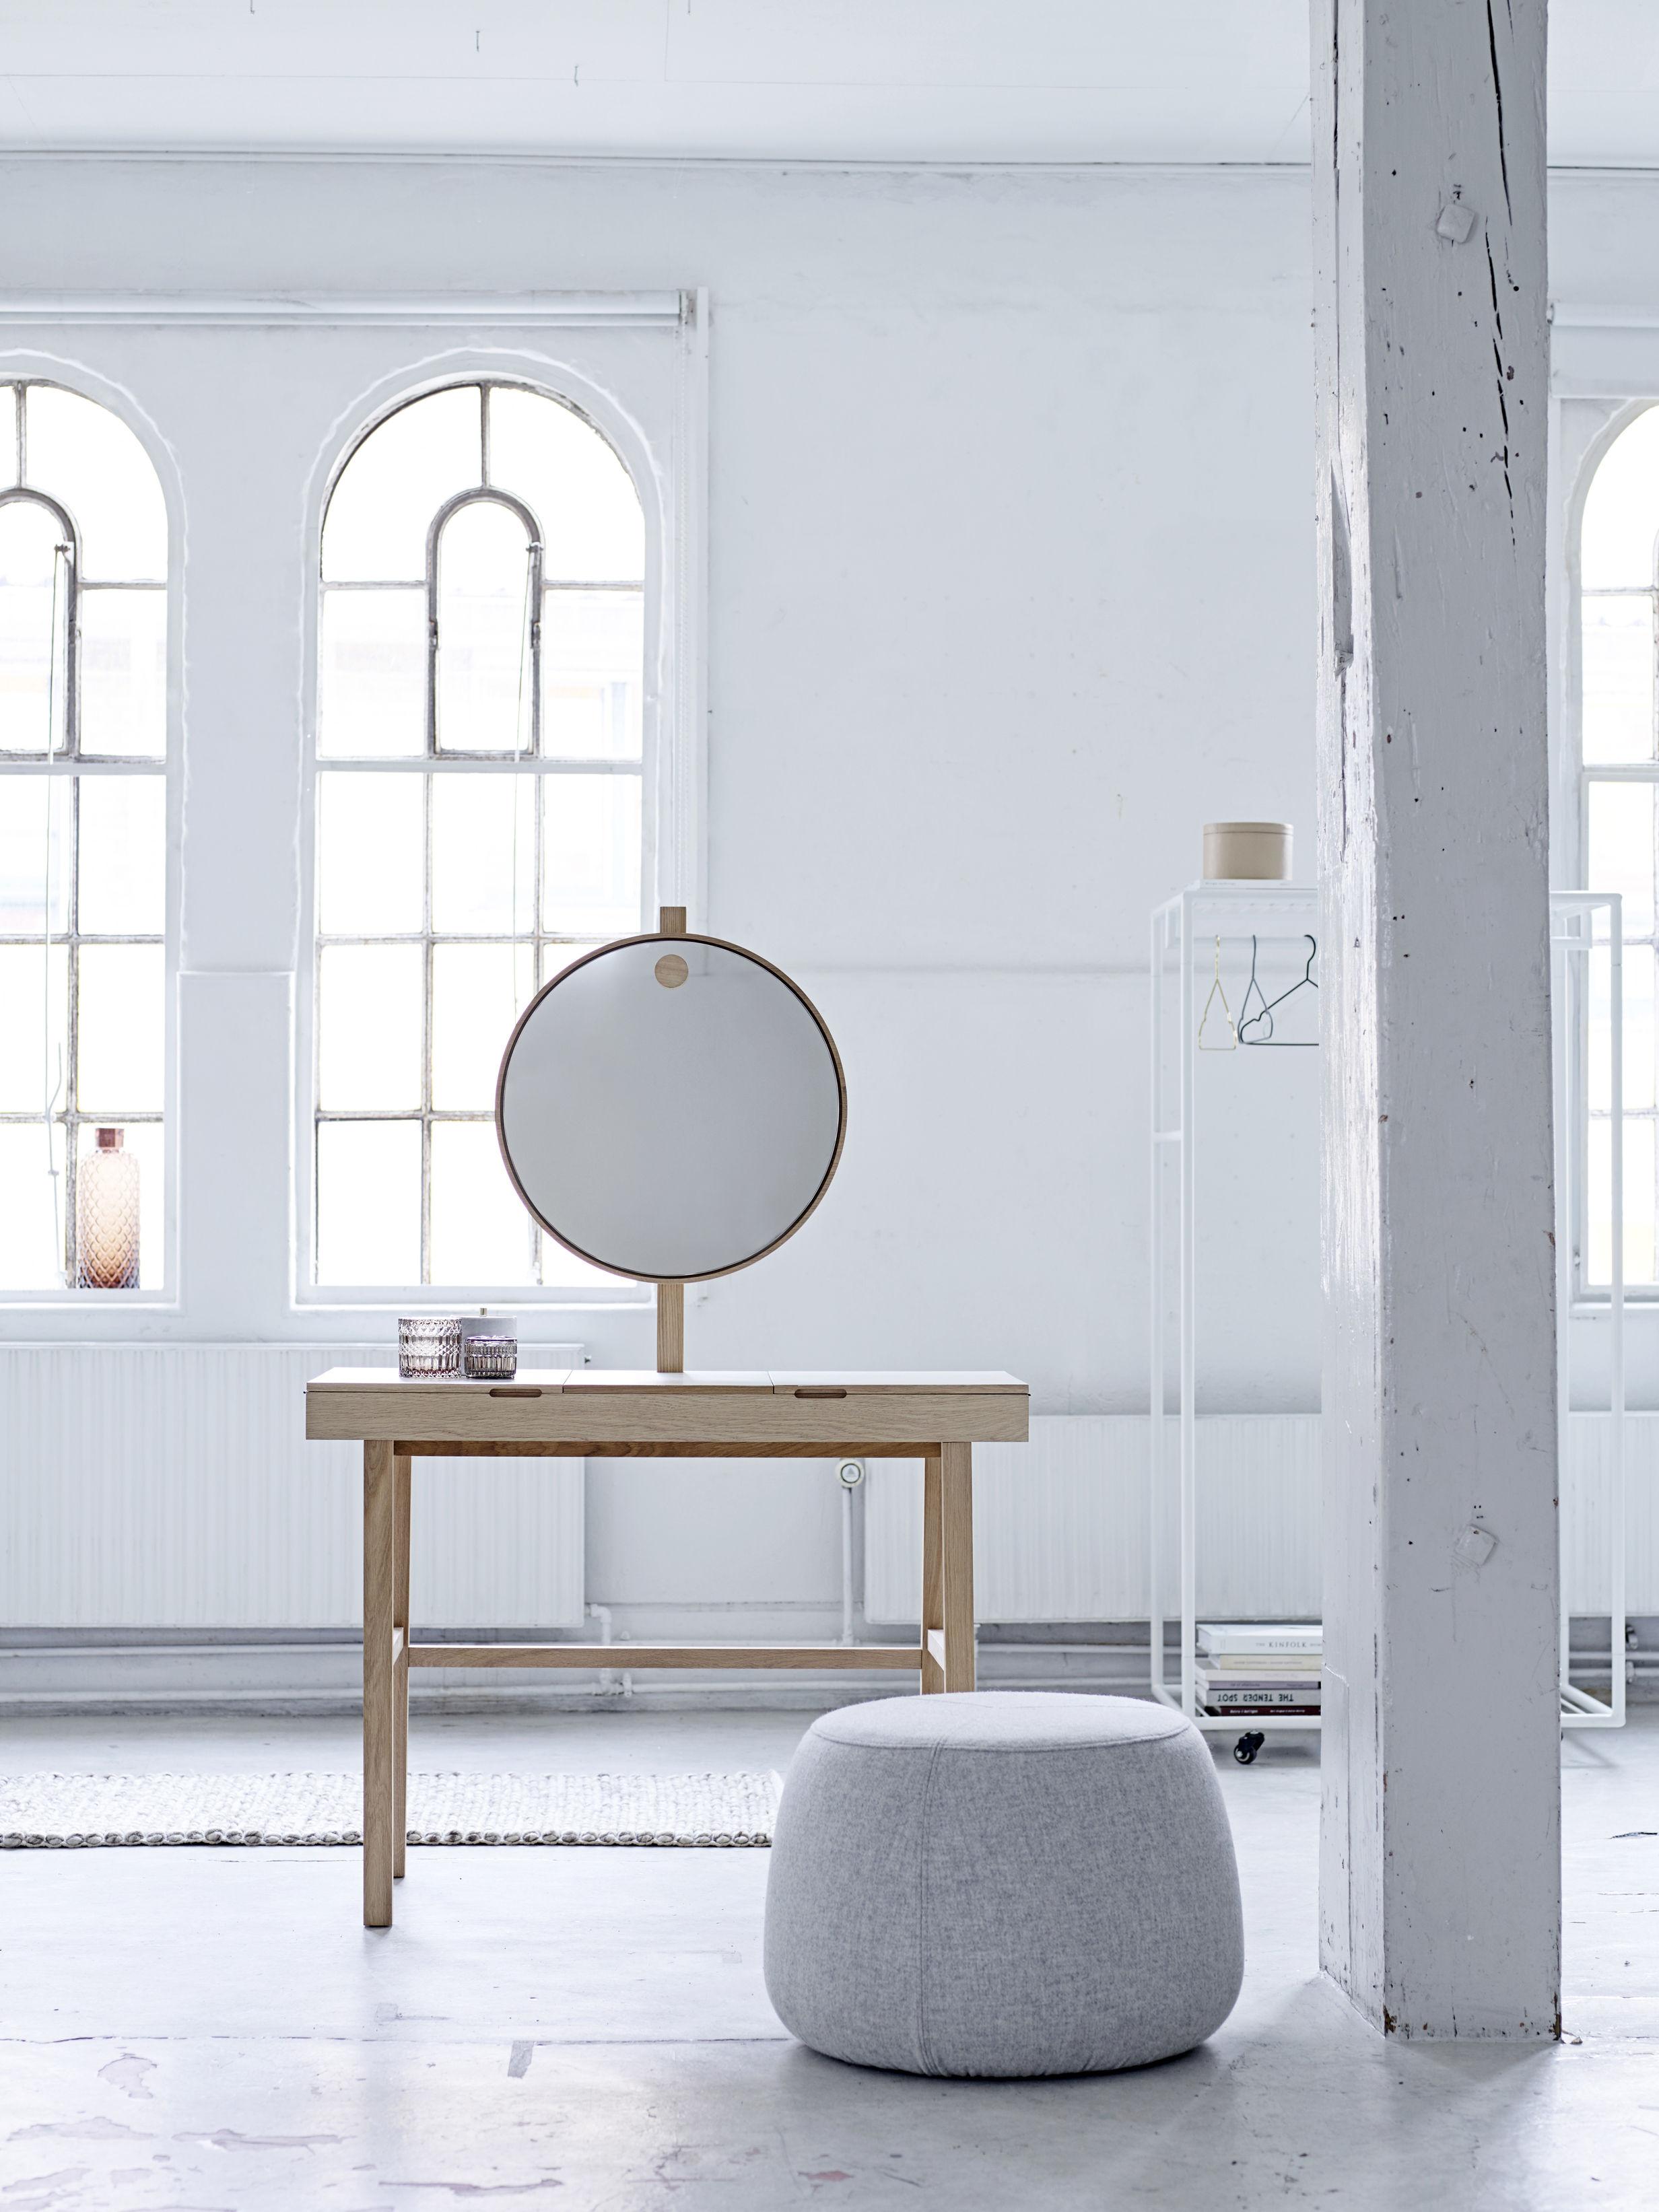 Coiffeuse phine miroir lumineux l 100 x h 75 cm bois for Coiffeuse miroir lumineux